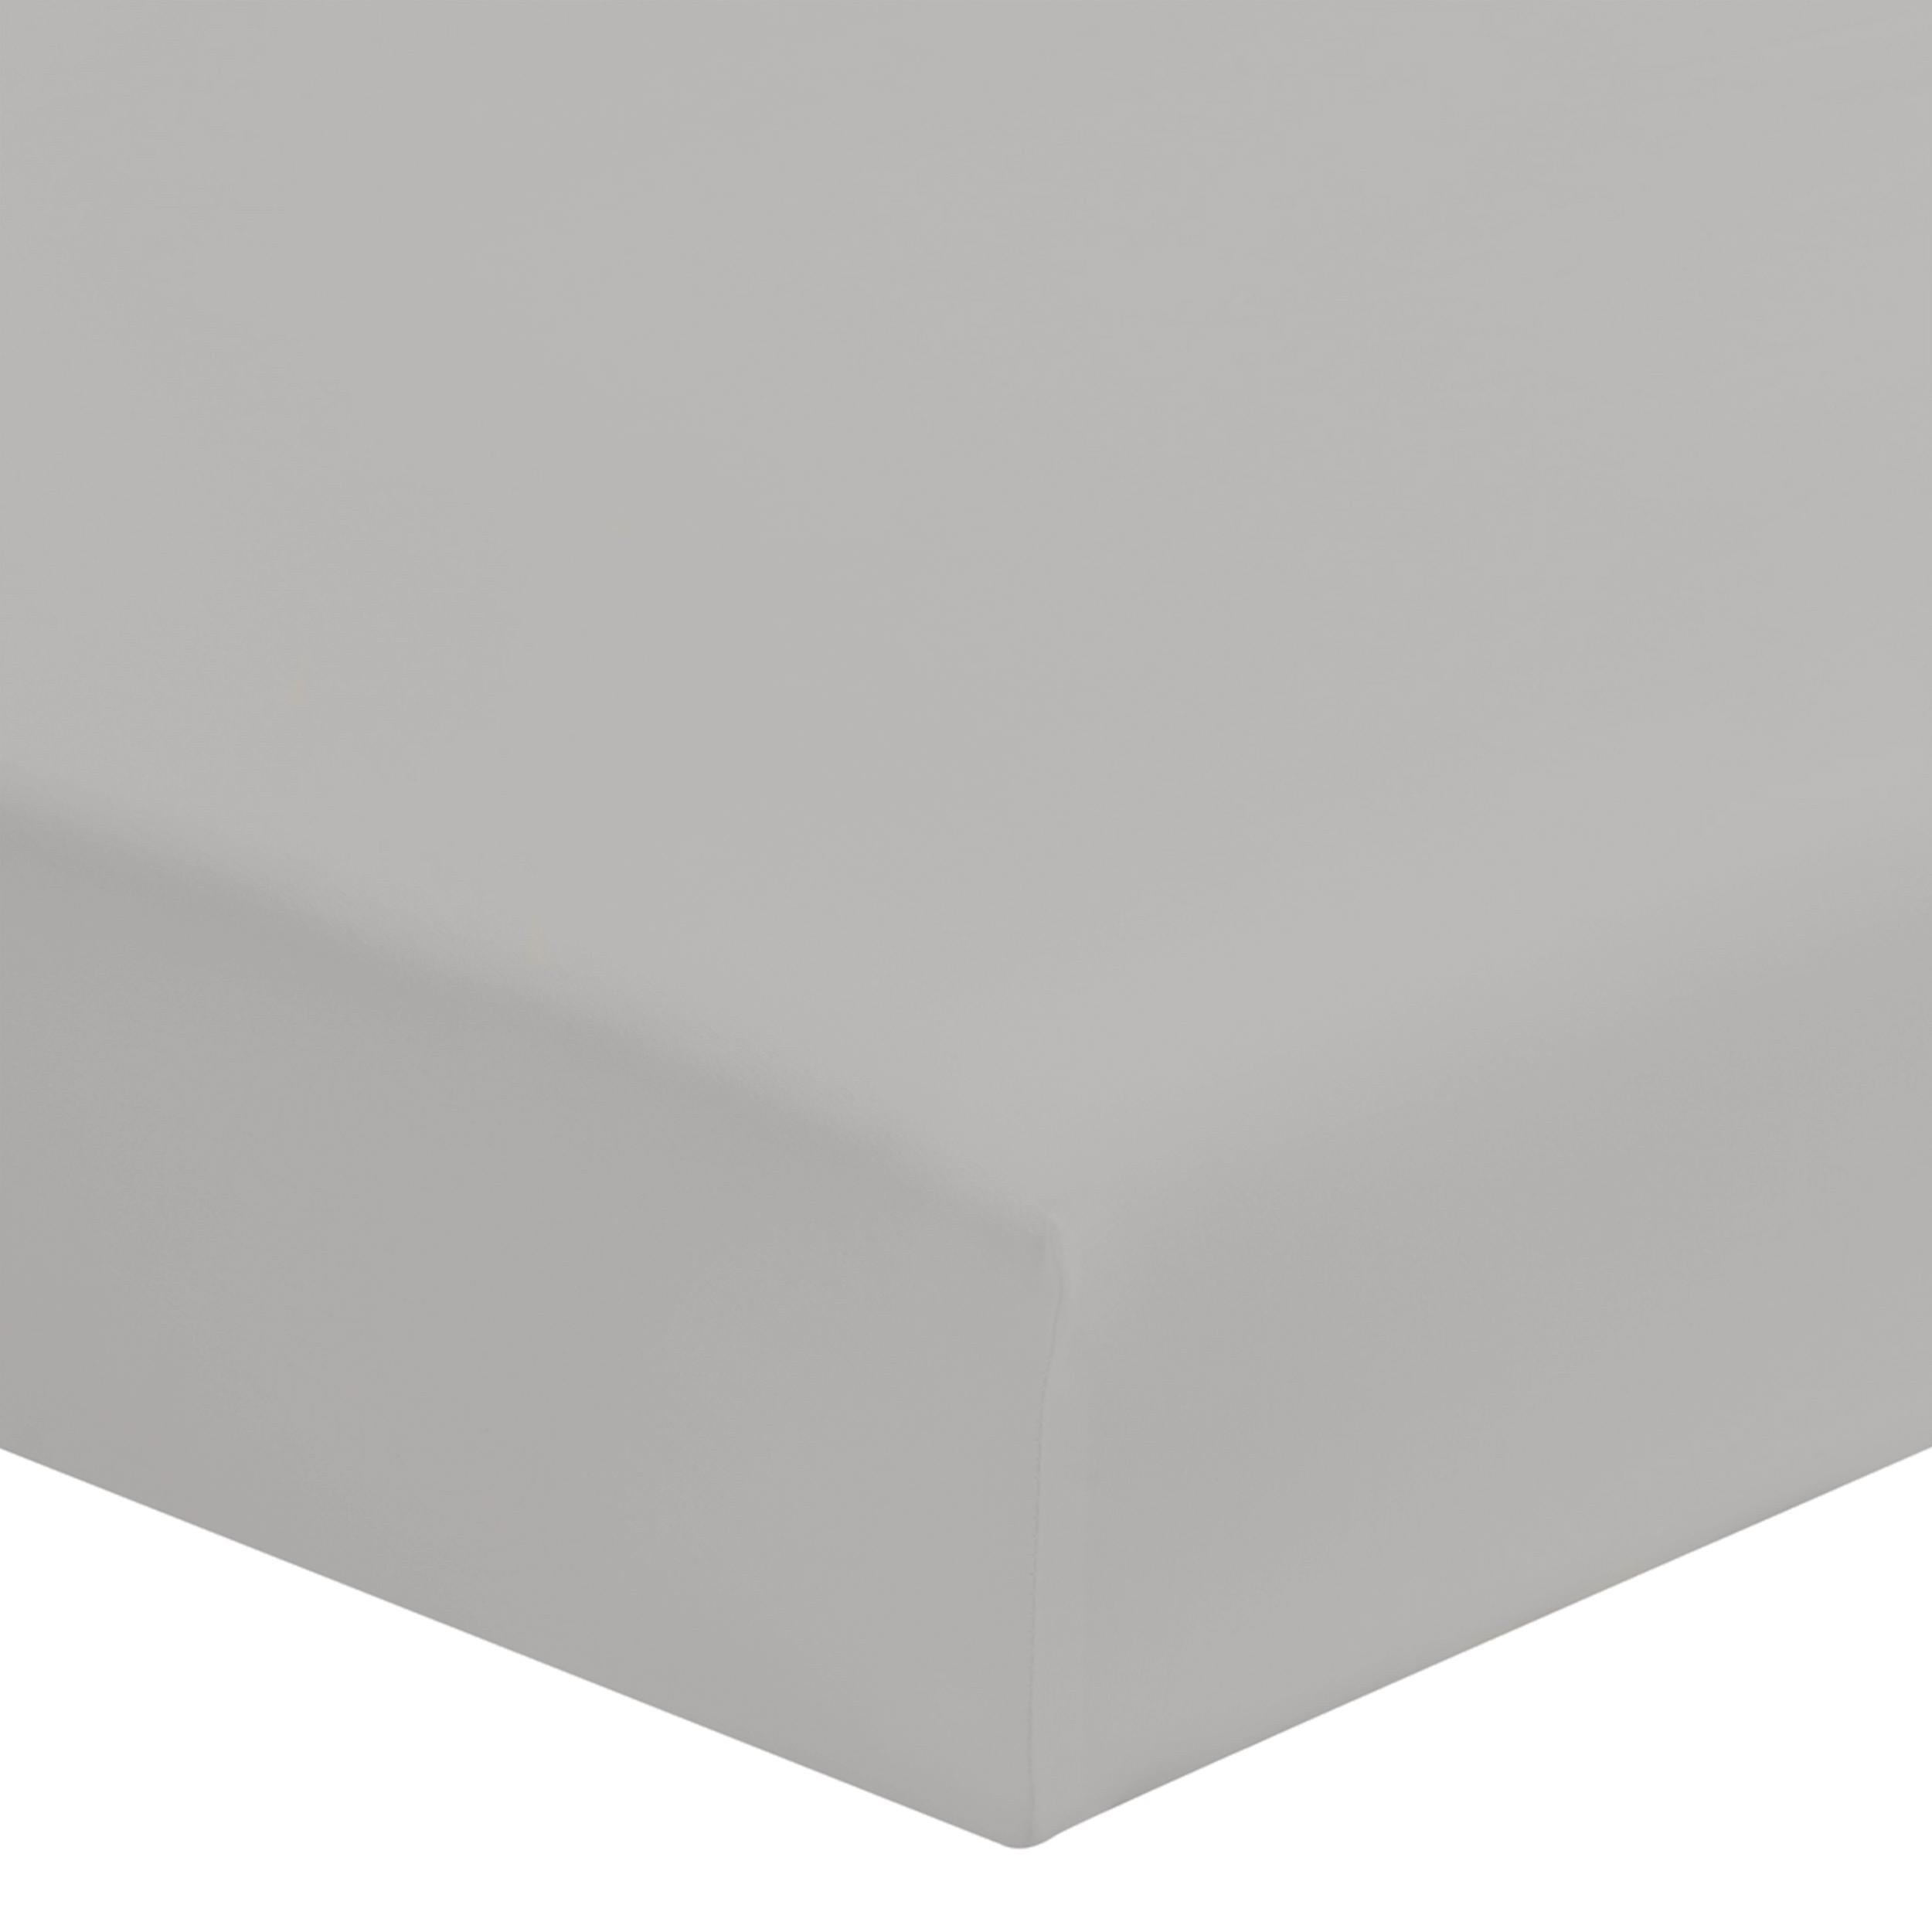 Drap housse uni en coton Gris Mastic 160x200